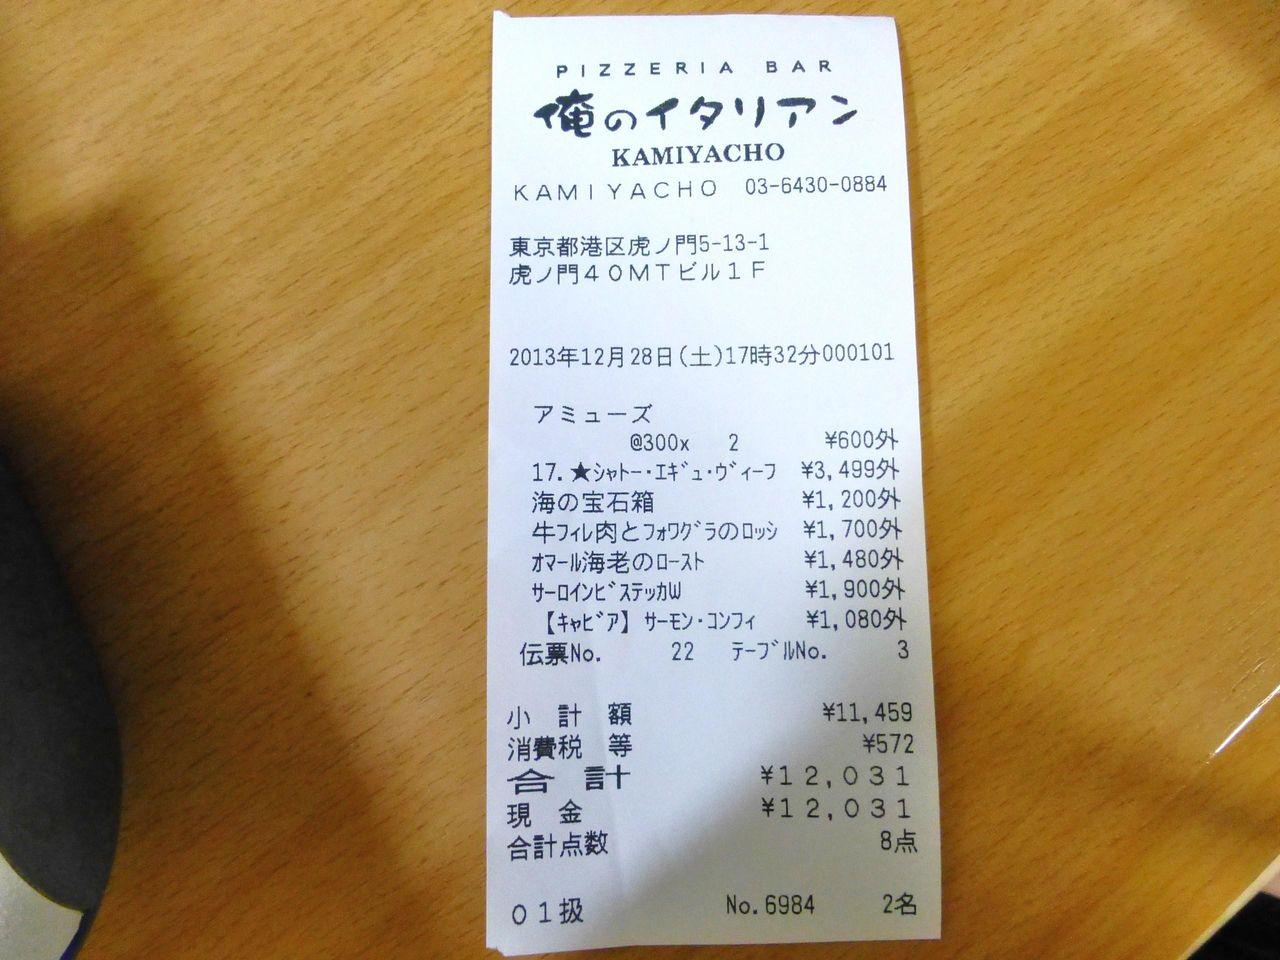 滞在時間65分で1人約6,000円!コスパは最強です!